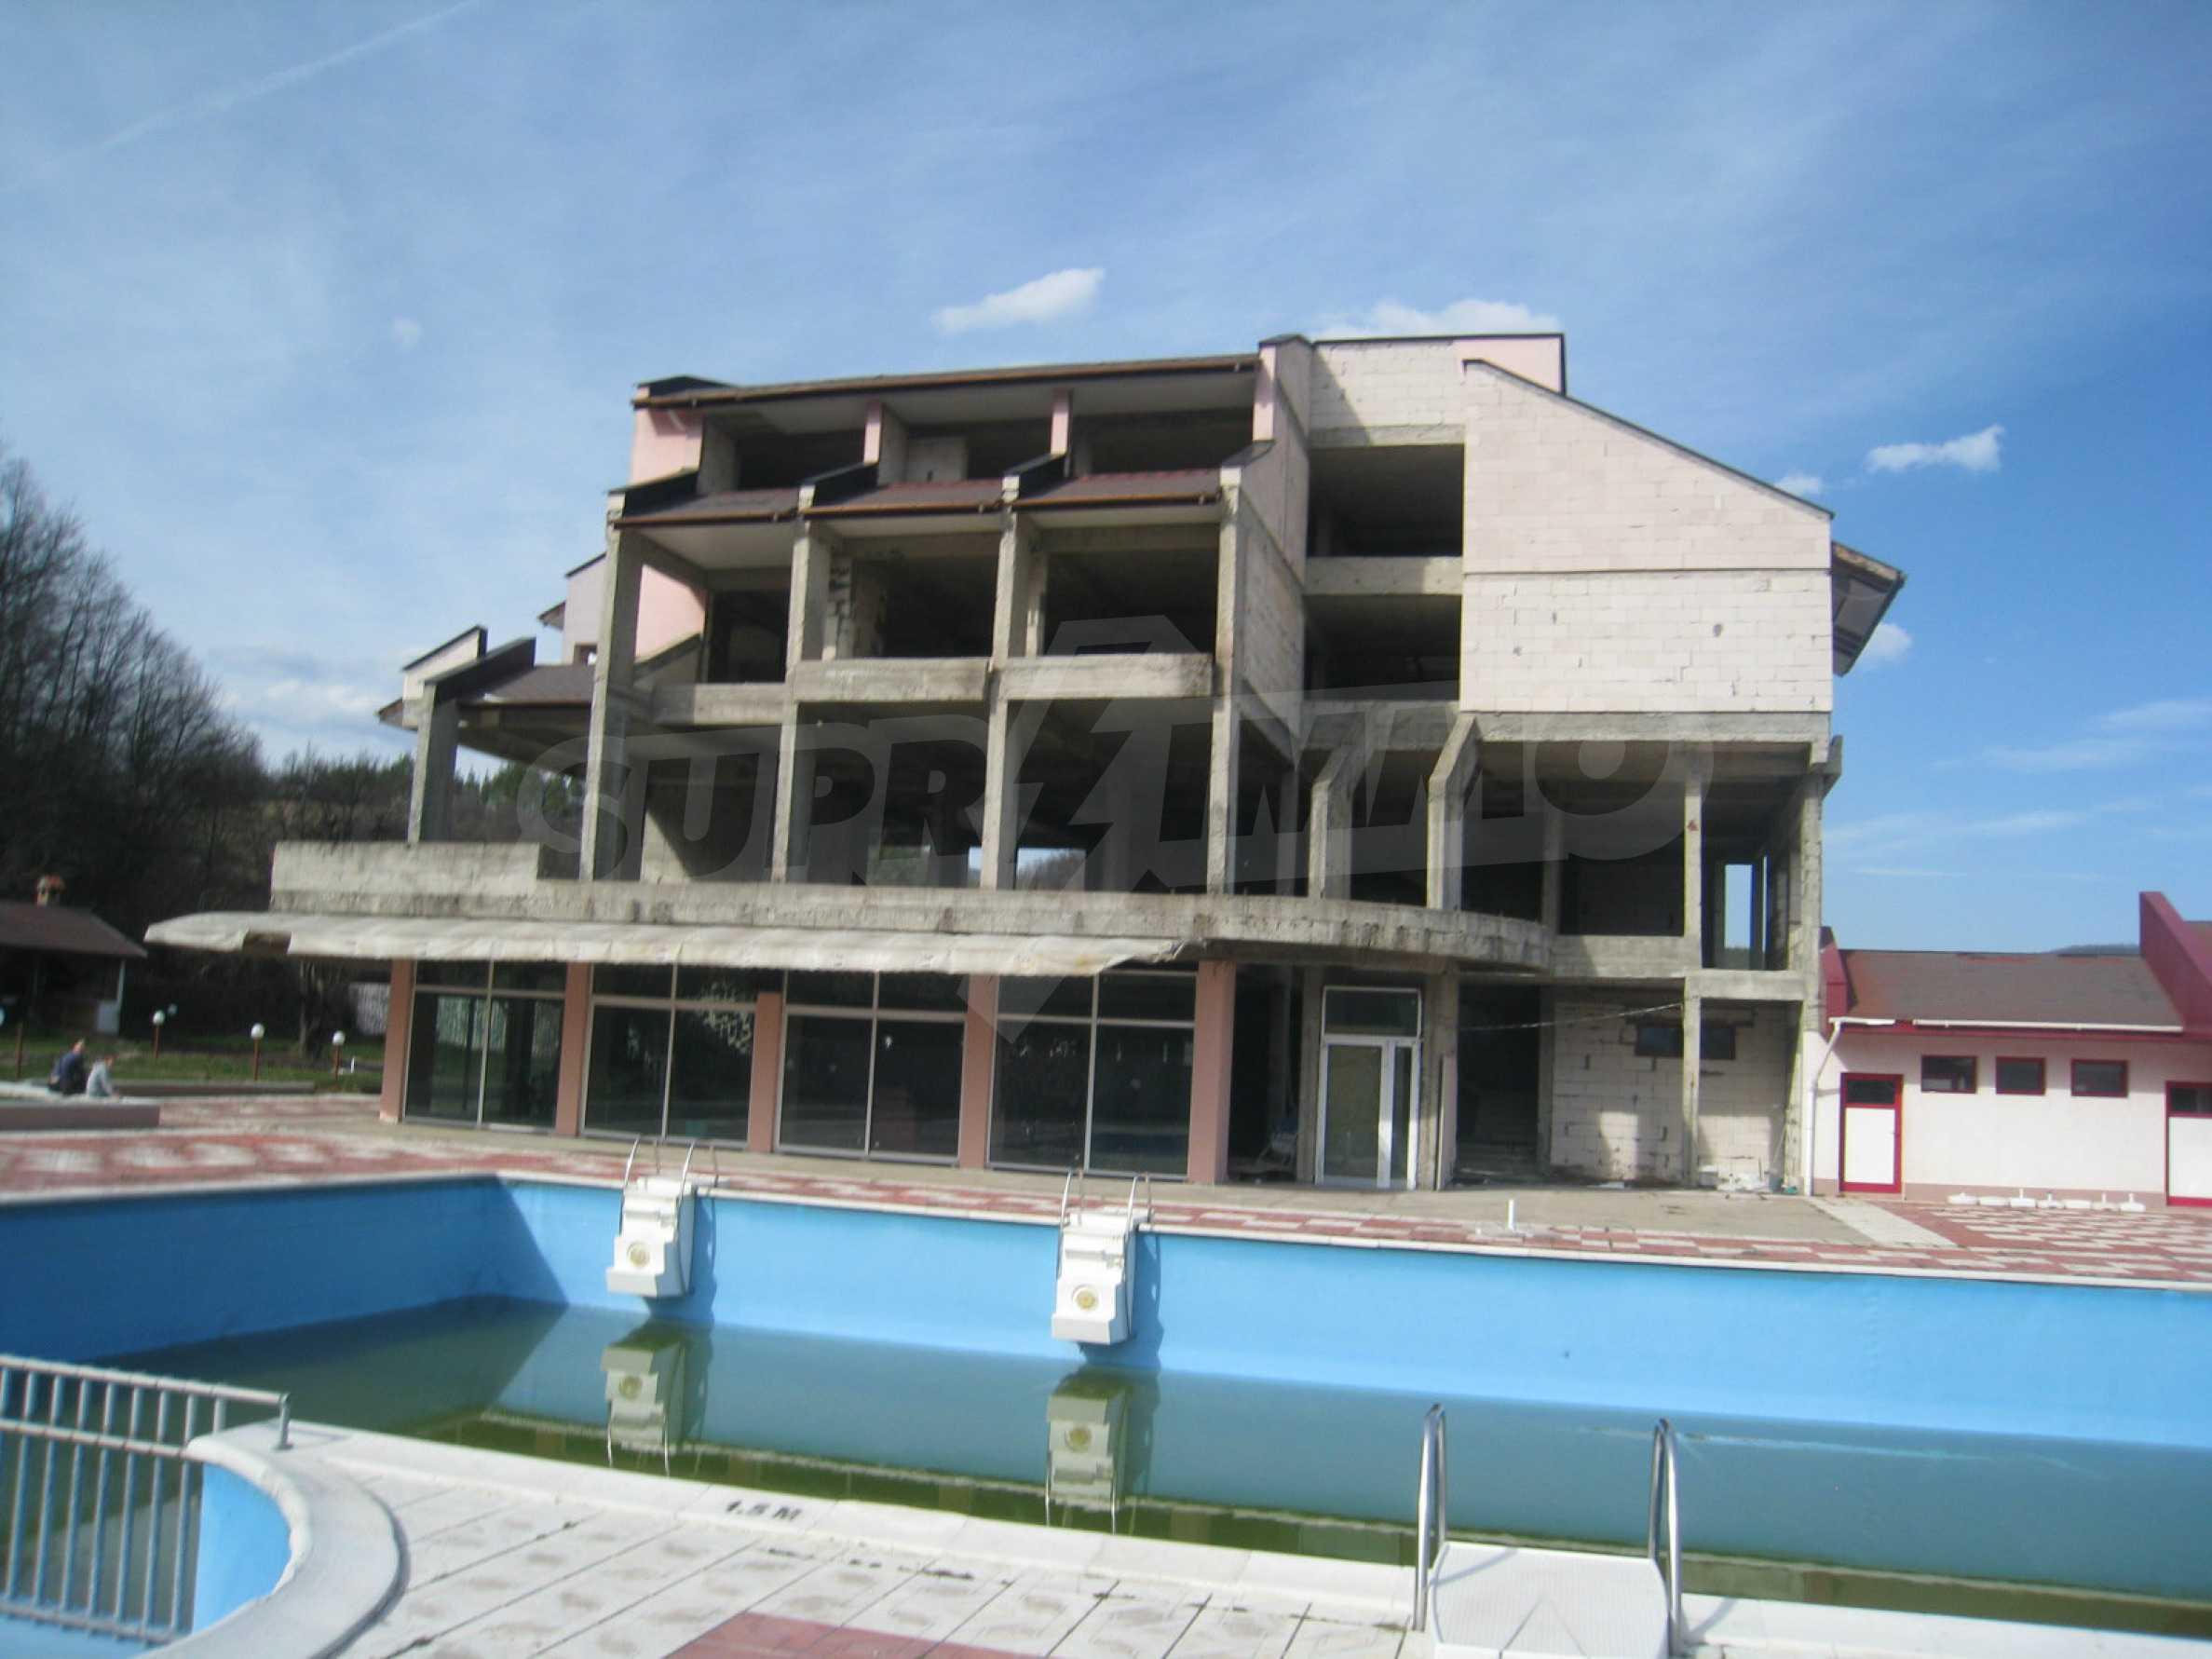 Hotelanlage mit Schwimmbad, Tankstelle und großem Grundstück in Etropole 1